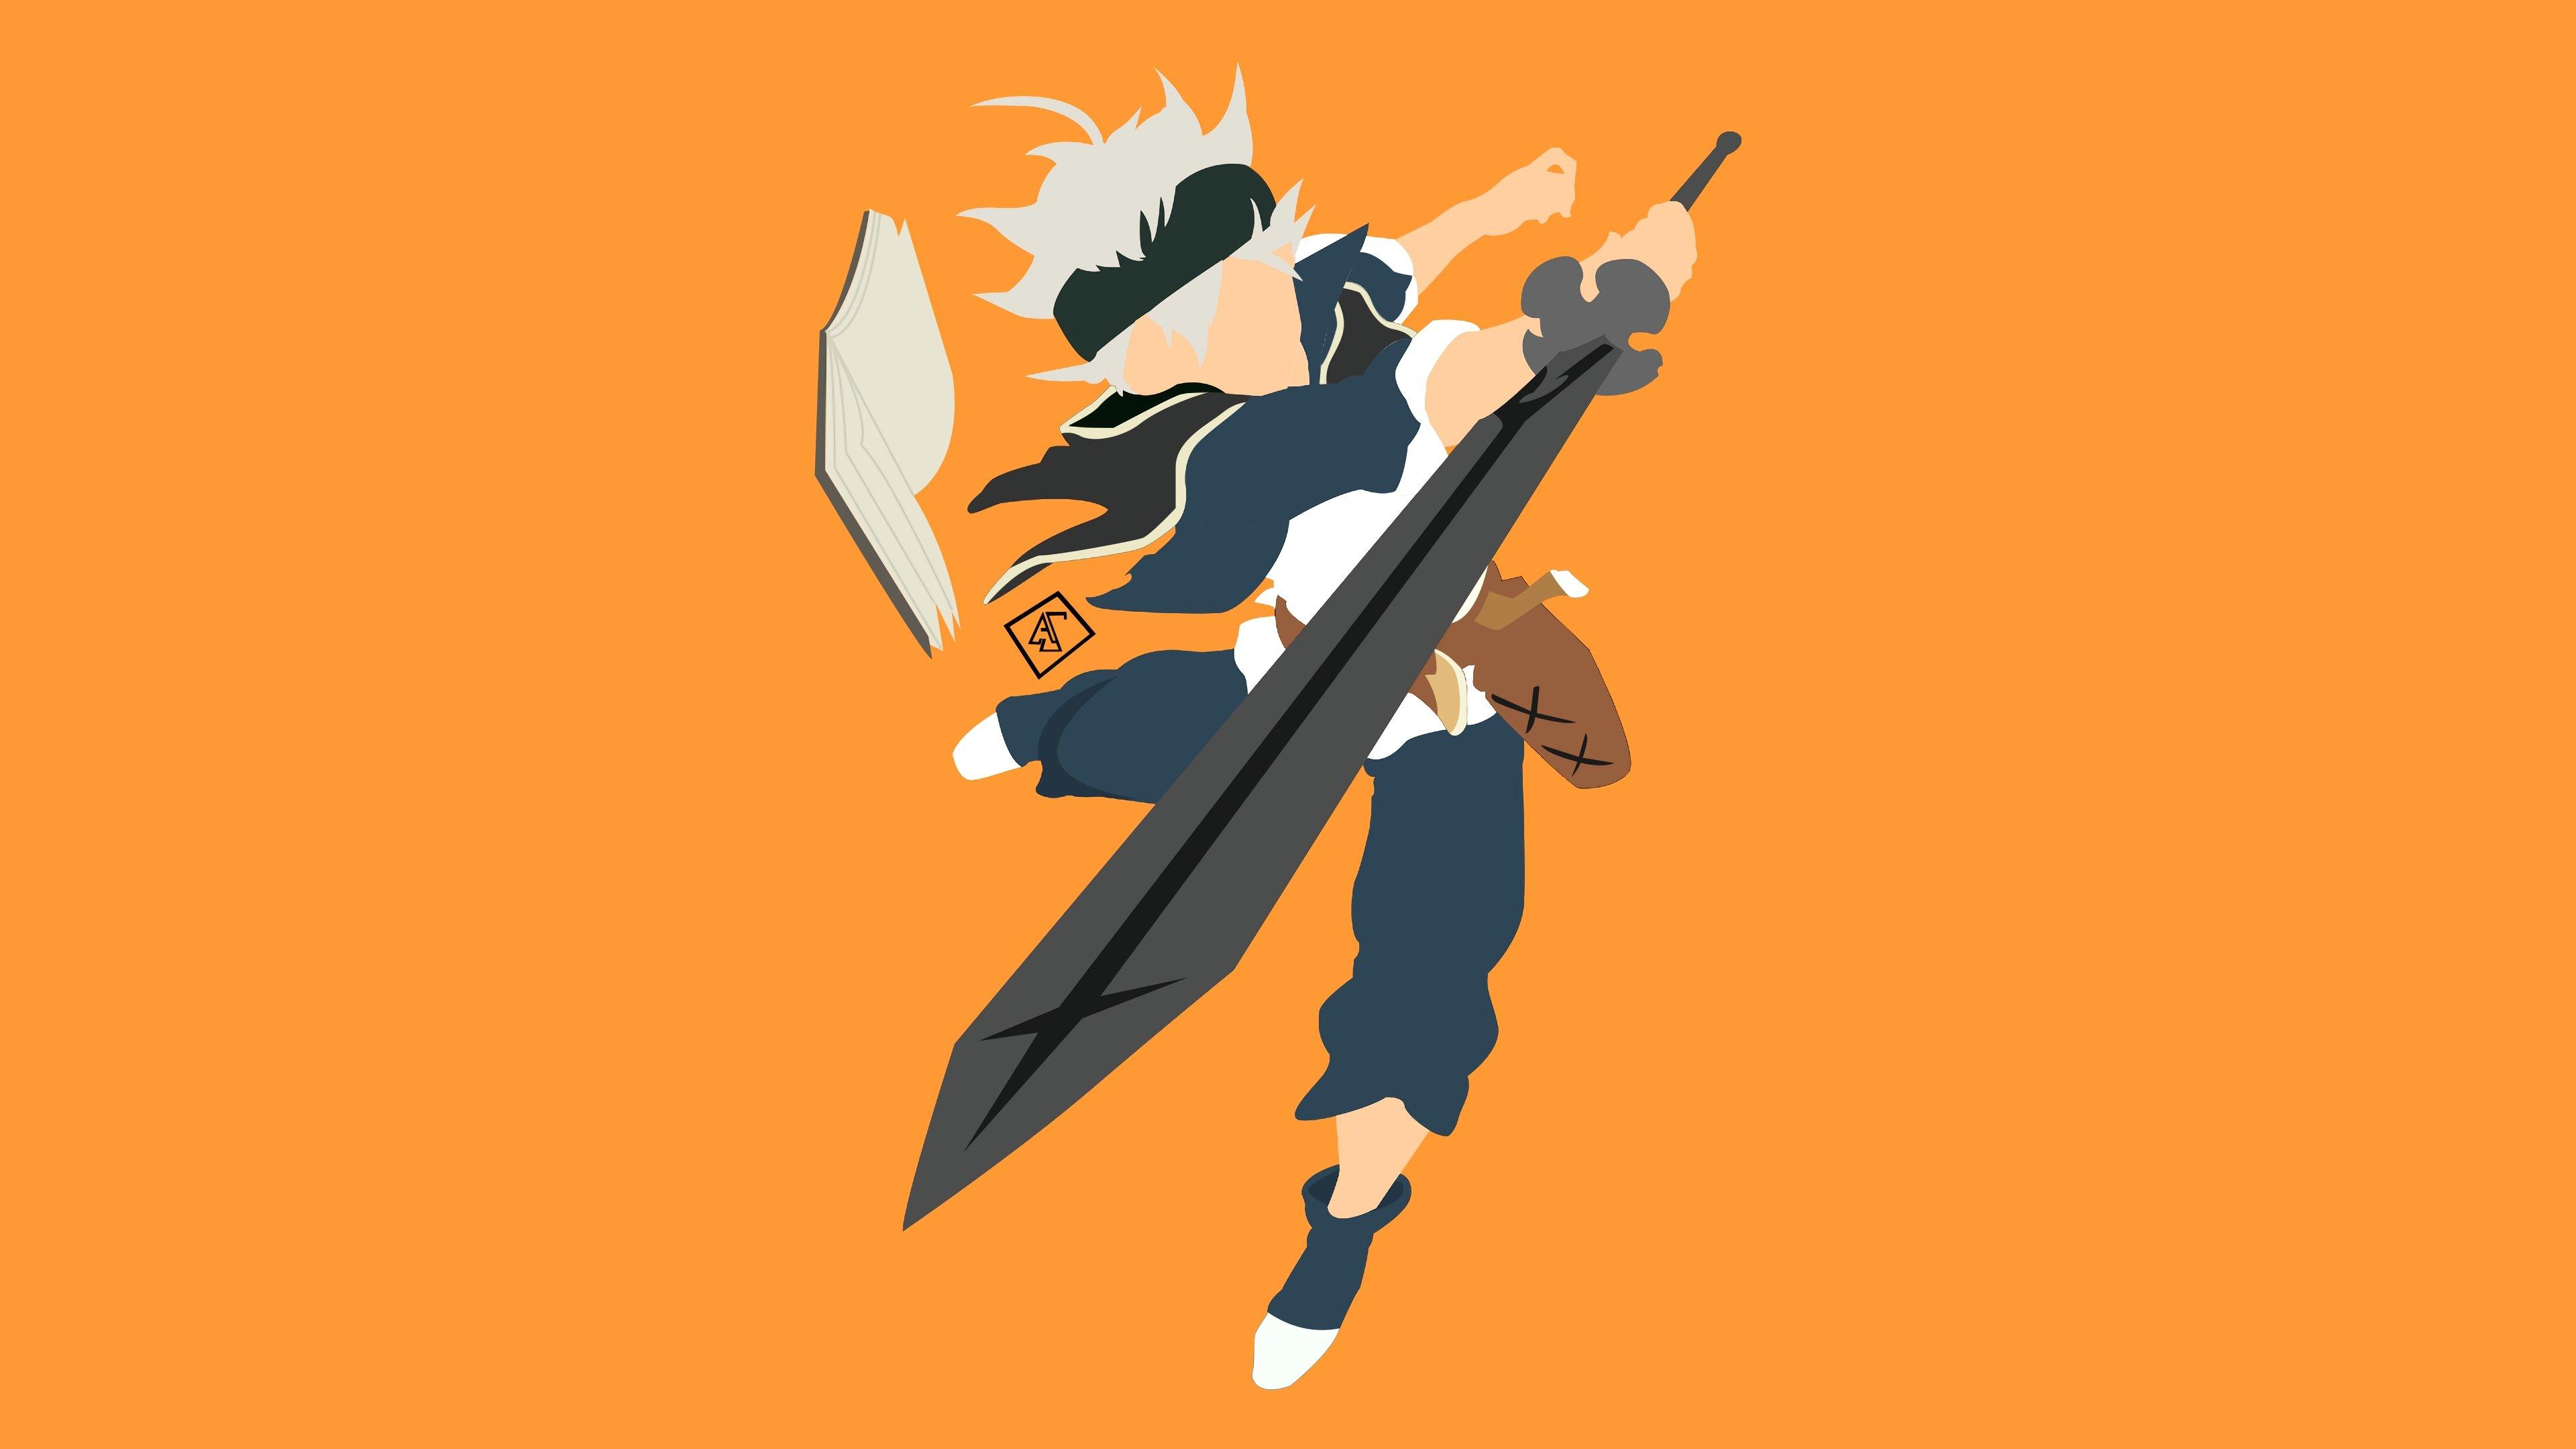 Fondos de pantalla Anime Asta de Black Clover